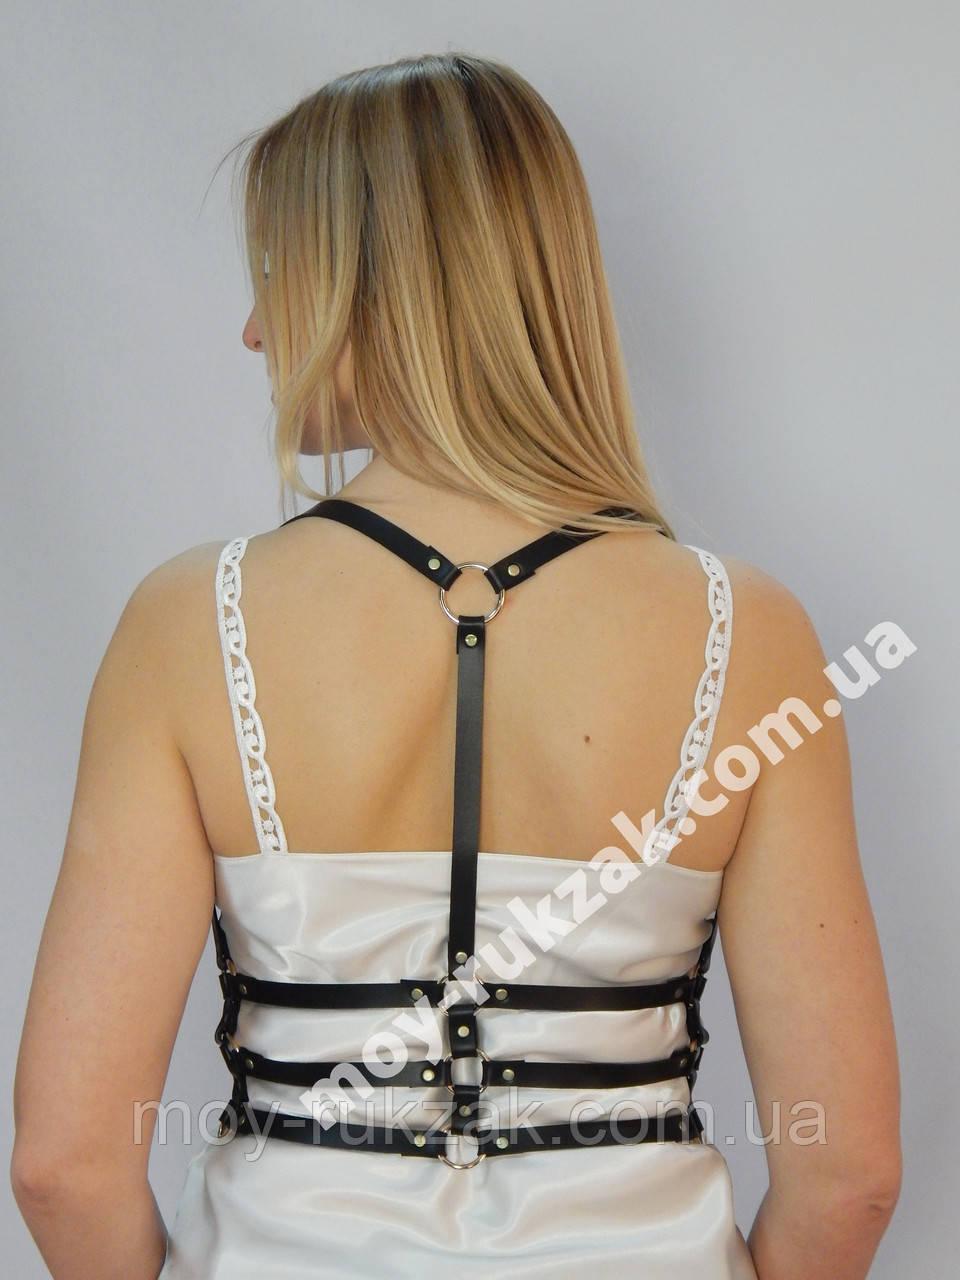 Женская портупея тройная узкая с кольцами арт.930759